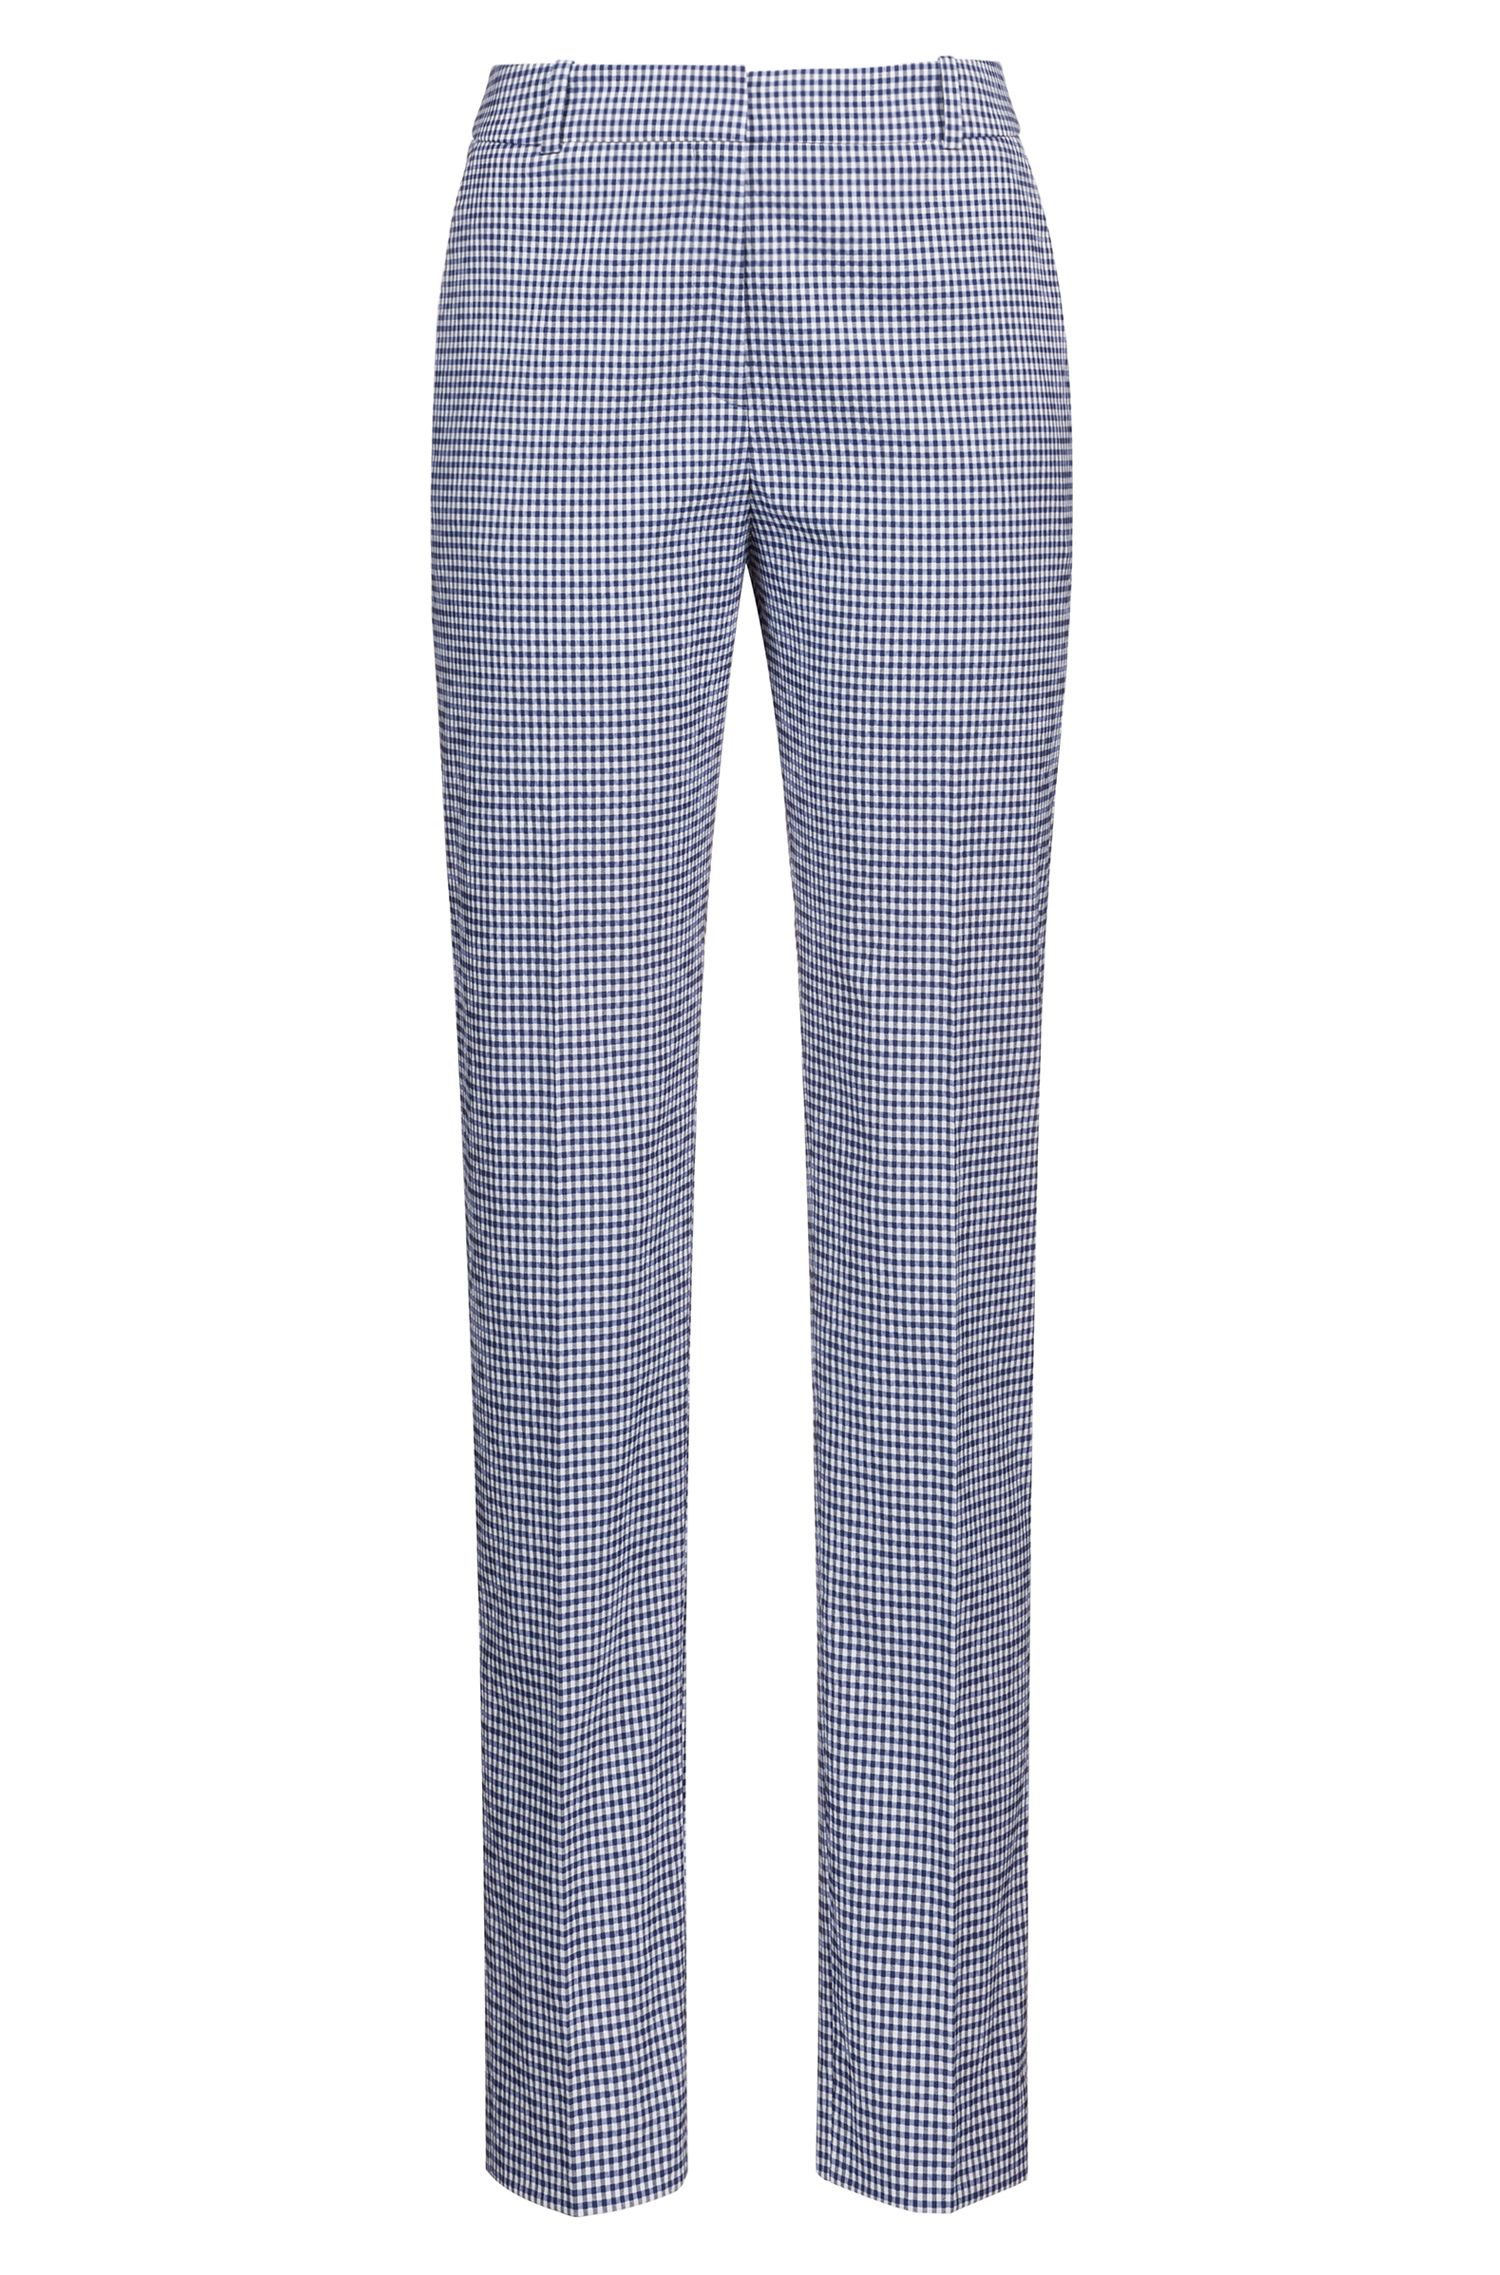 Regular-Fit Zigarettenhose aus elastischem Baumwoll-Mix mit Vichy-Karo, Gemustert